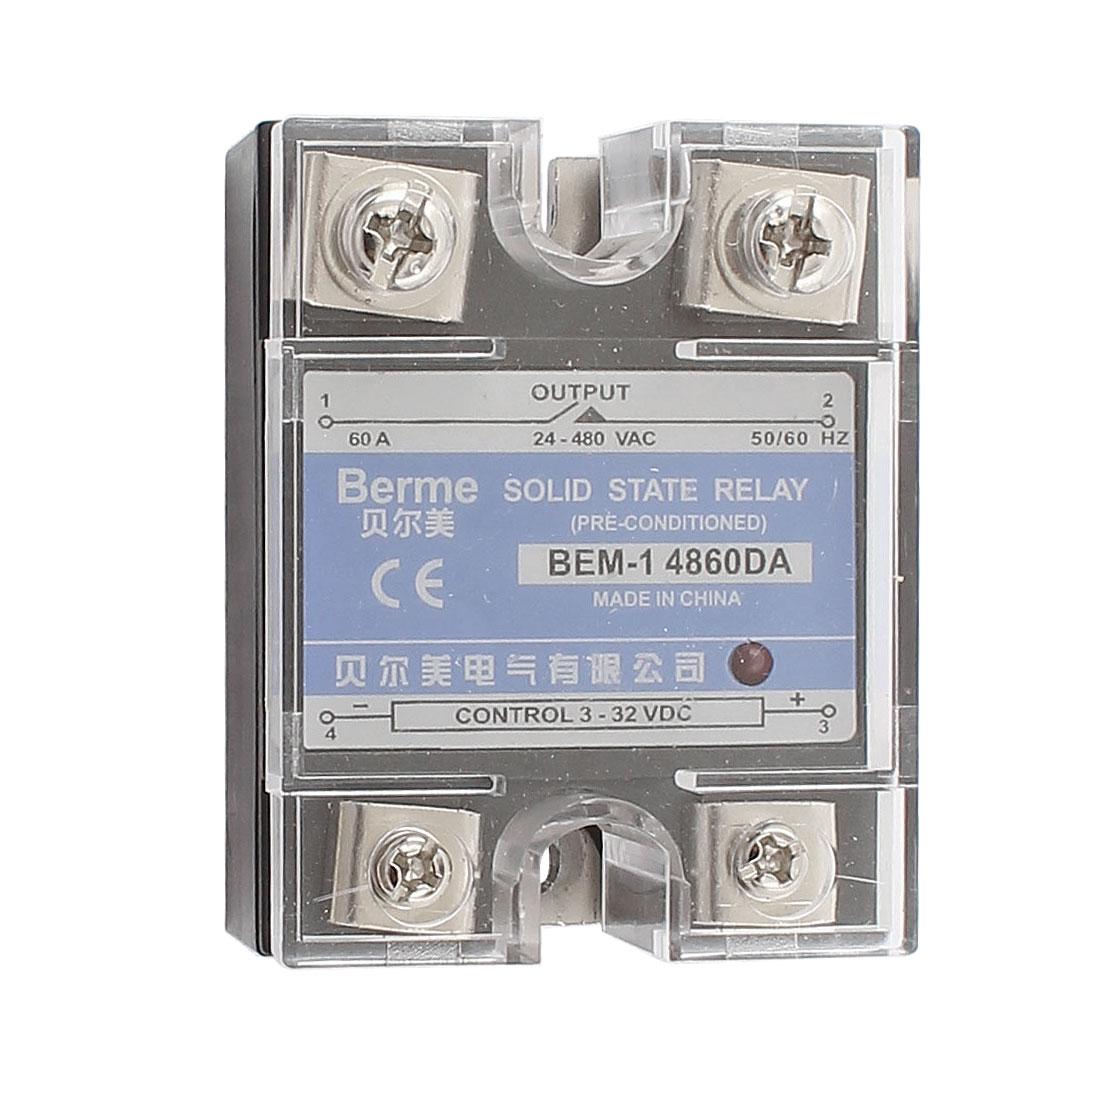 Solid State Relay Module BEM-1 4860DA DC-AC 60A 3-32VDC/24-480VAC